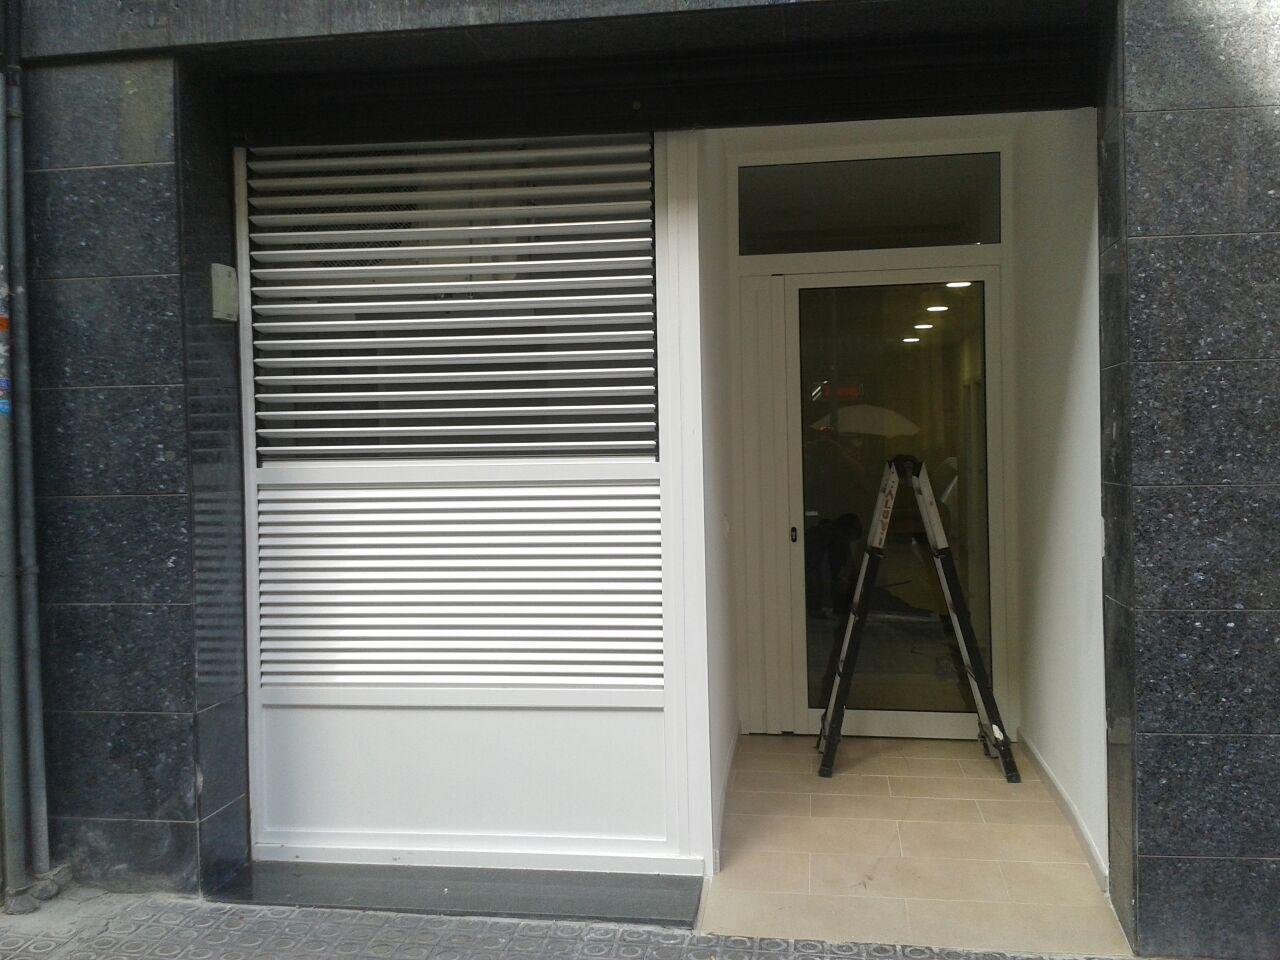 Instalación y reparación de persianas y rejas de seguridad en Barcelona